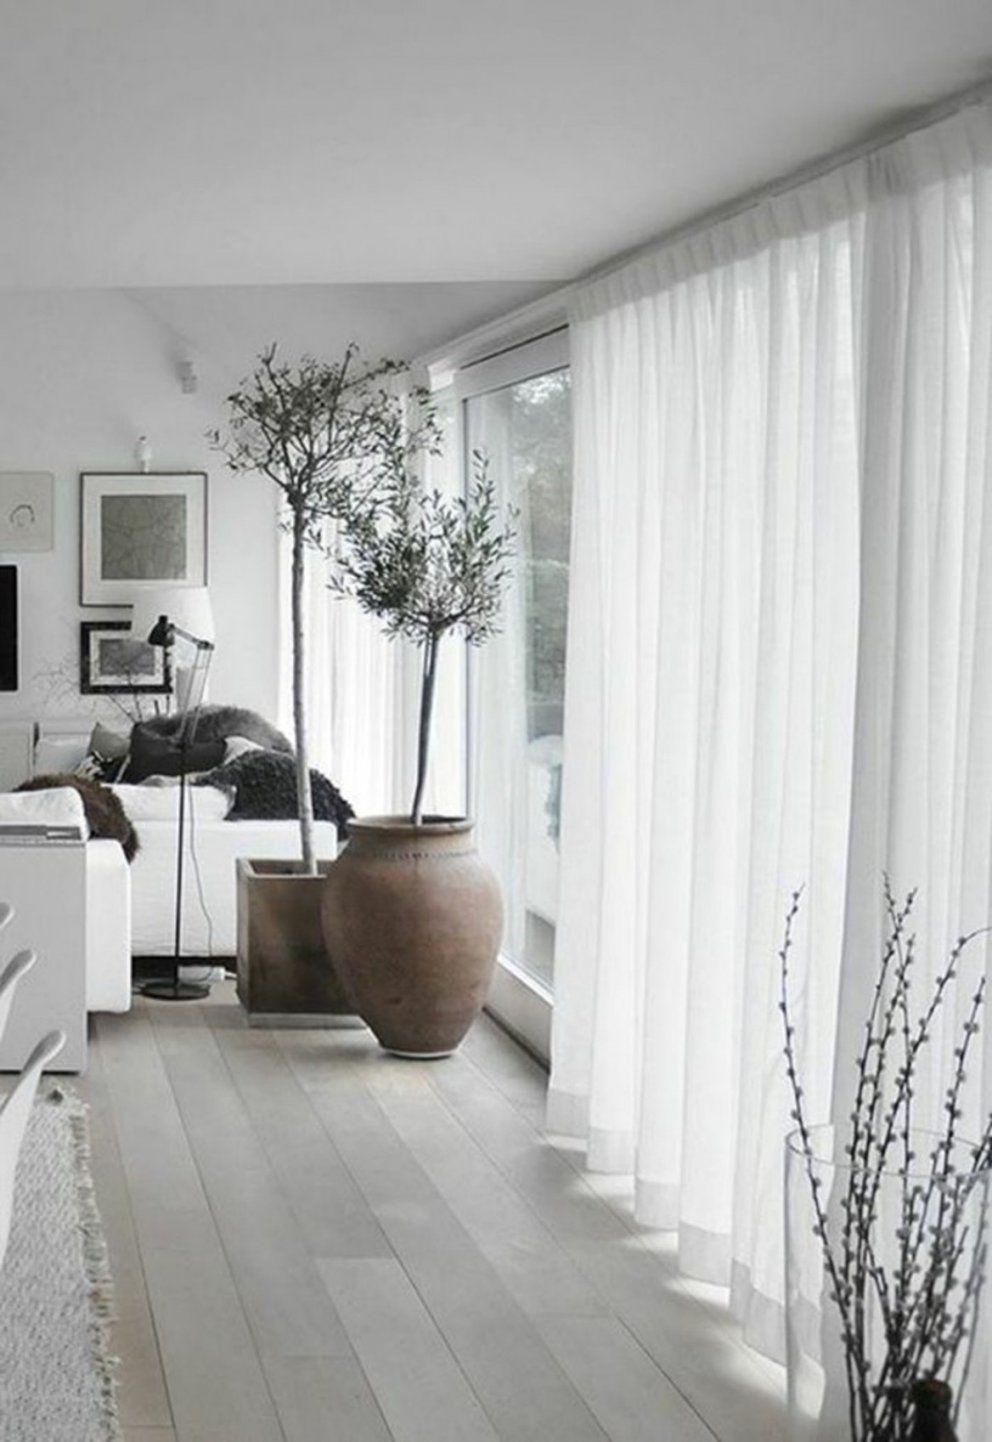 Genial Gardinen Wohnzimmer Luxus Bild Trend Fur Galerie Pasillos For von Gardinen Trends Fürs Wohnzimmer Bild